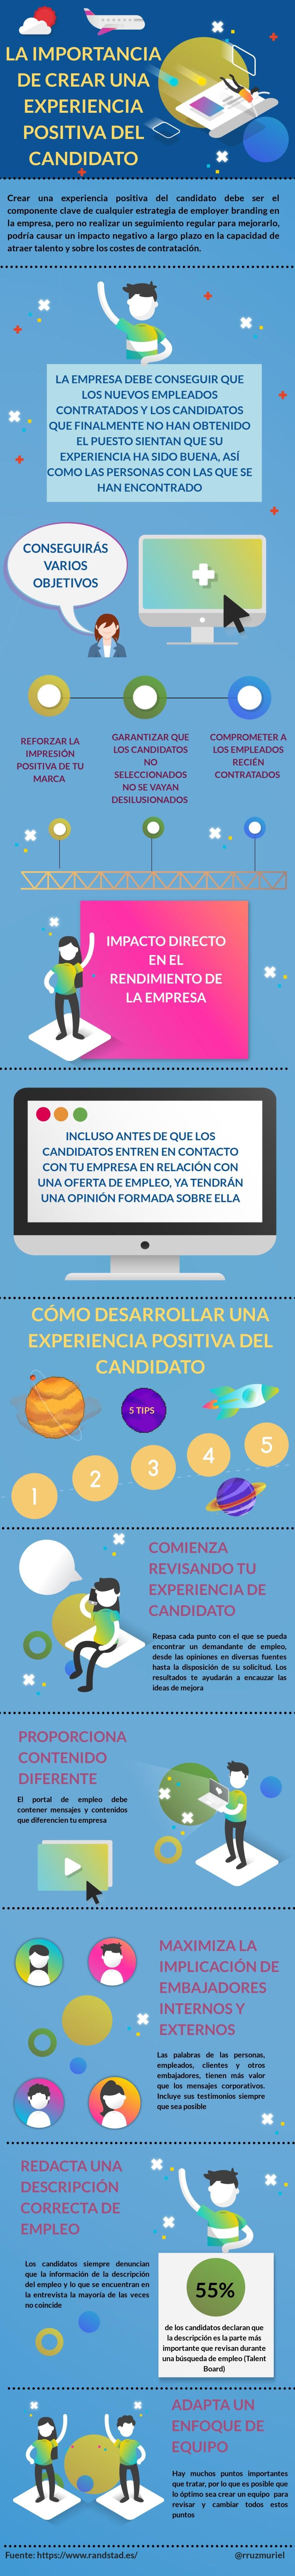 La importancia de crear una experiencia positiva del candidato